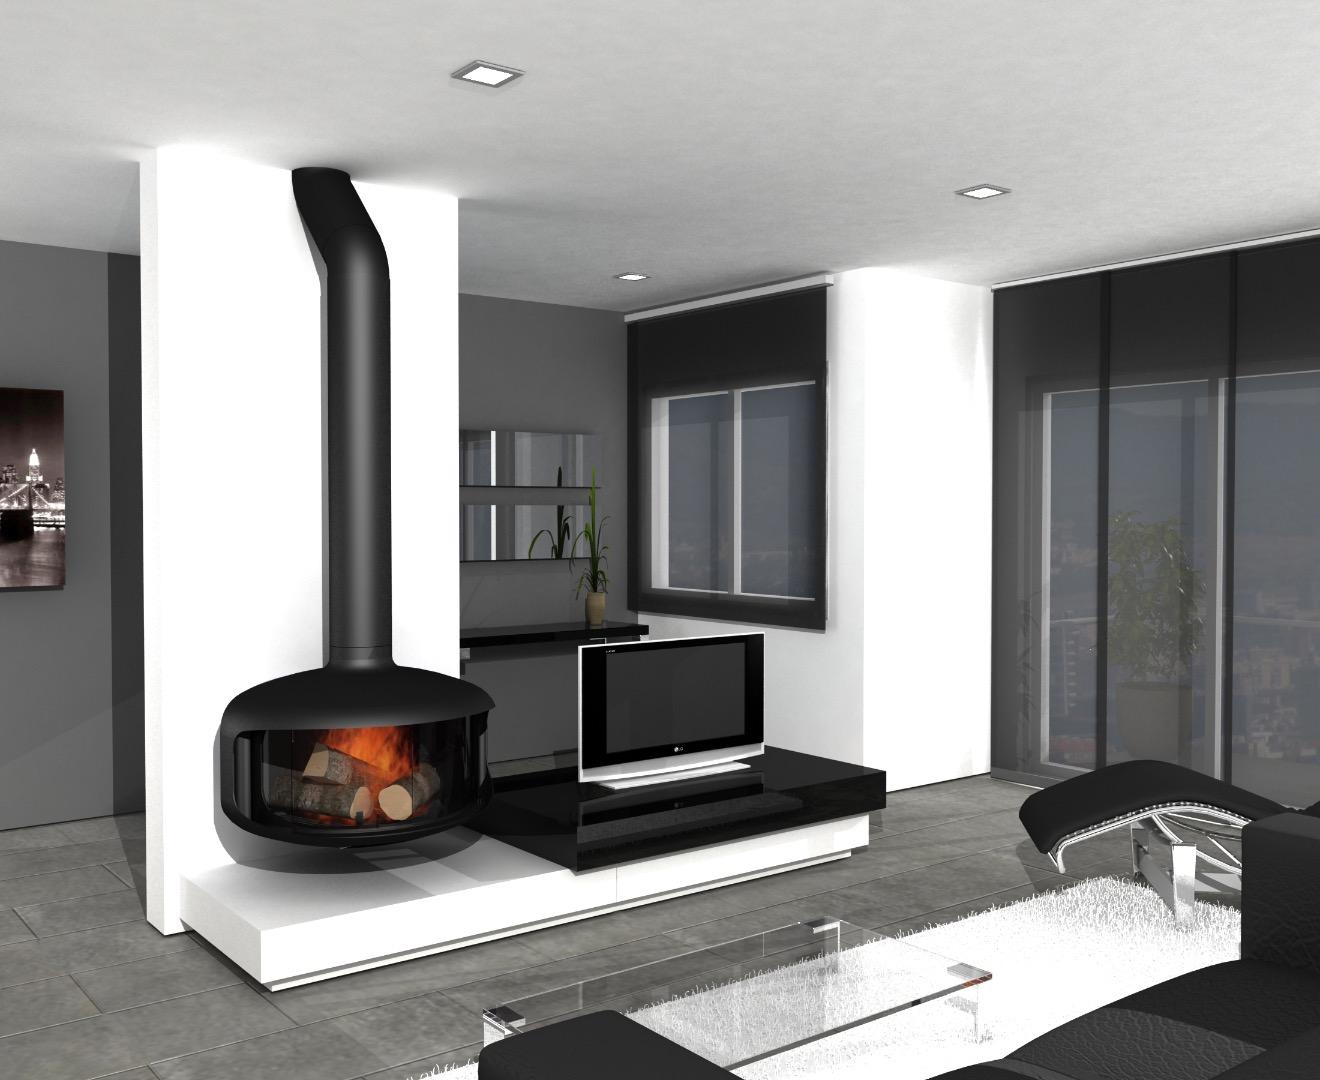 Aquastil chimeneas y calefacci n de biomasa pellets briquetas etc - Modelos de chimeneas modernas ...